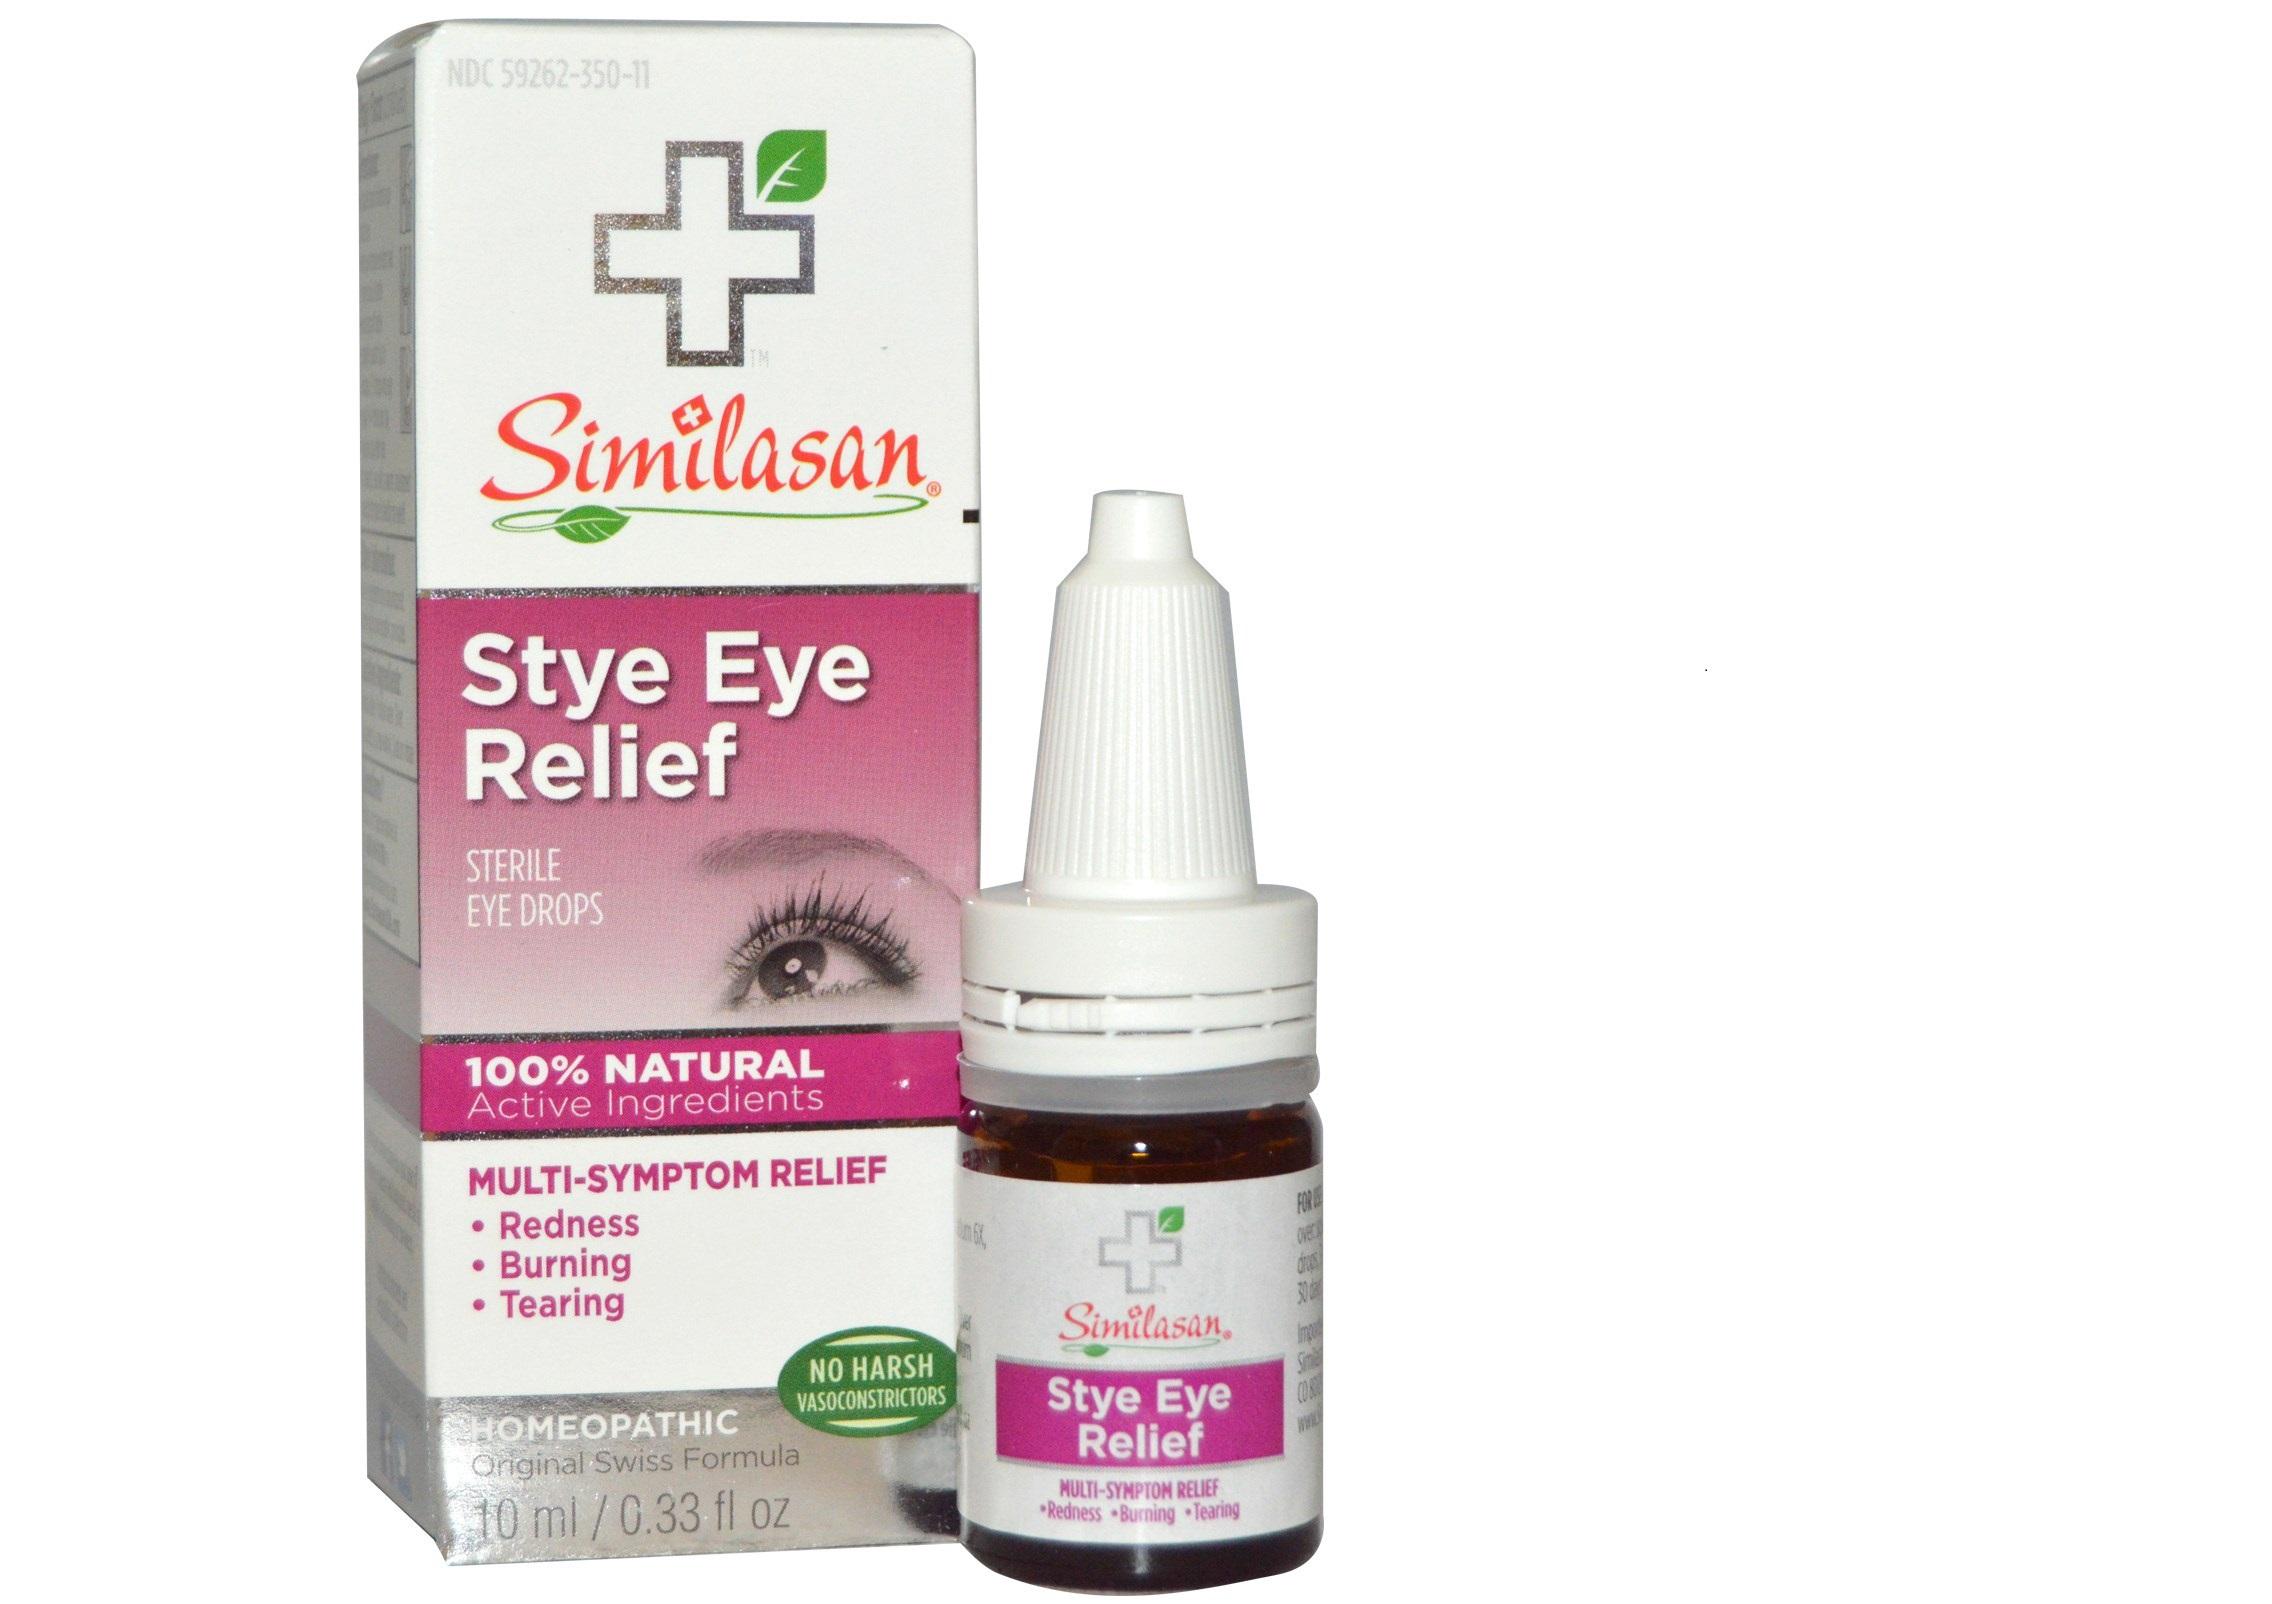 Similasan Stye Eye Relief Review